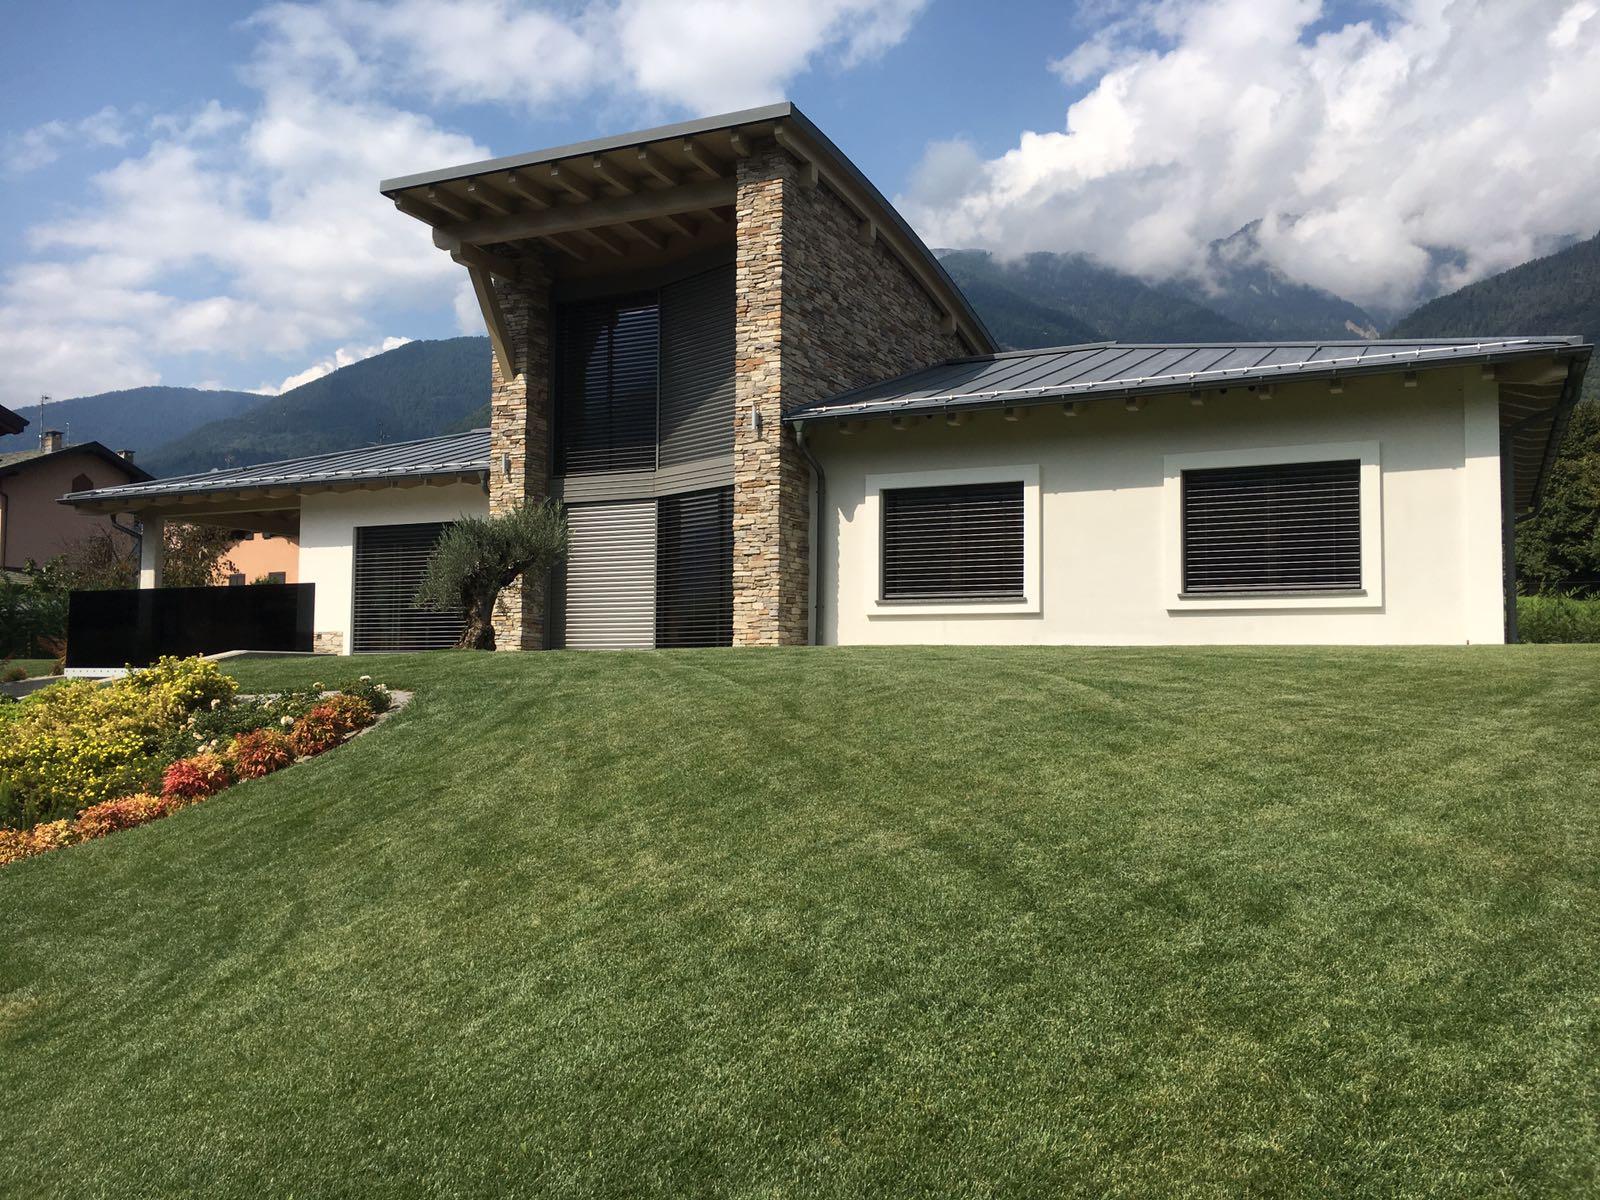 Progetto casa passiva a risparmio energetico - Risparmio energetico casa ...